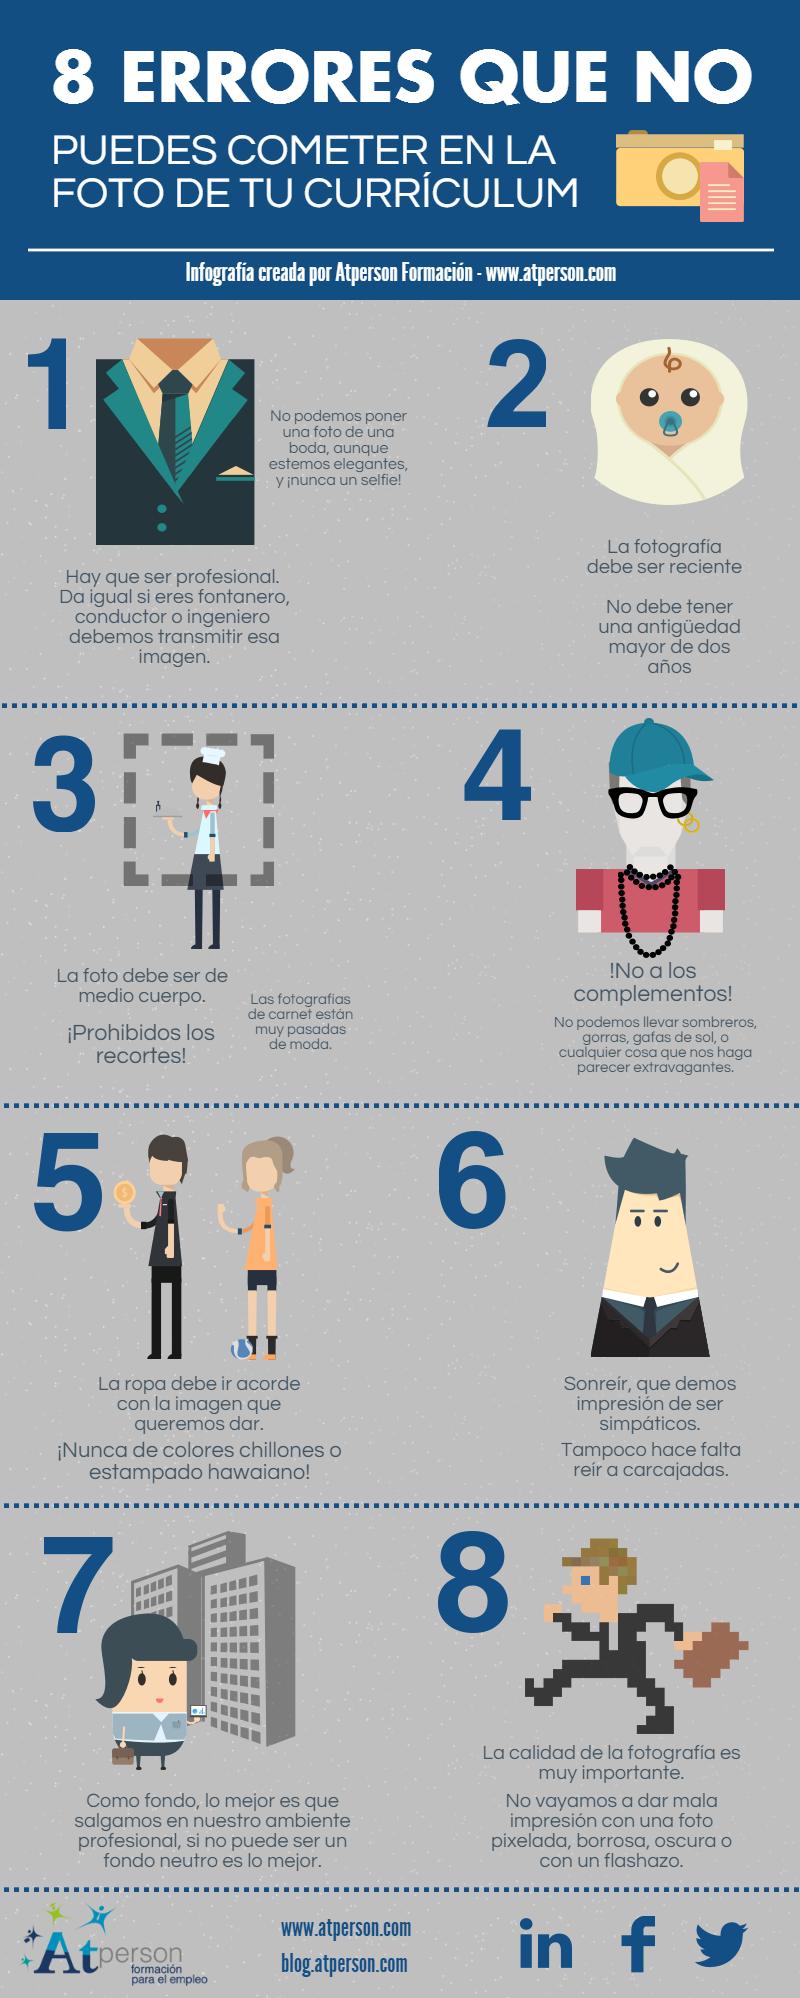 8 errores que no puedes cometer en la foto del cv | Consejos de vida ...